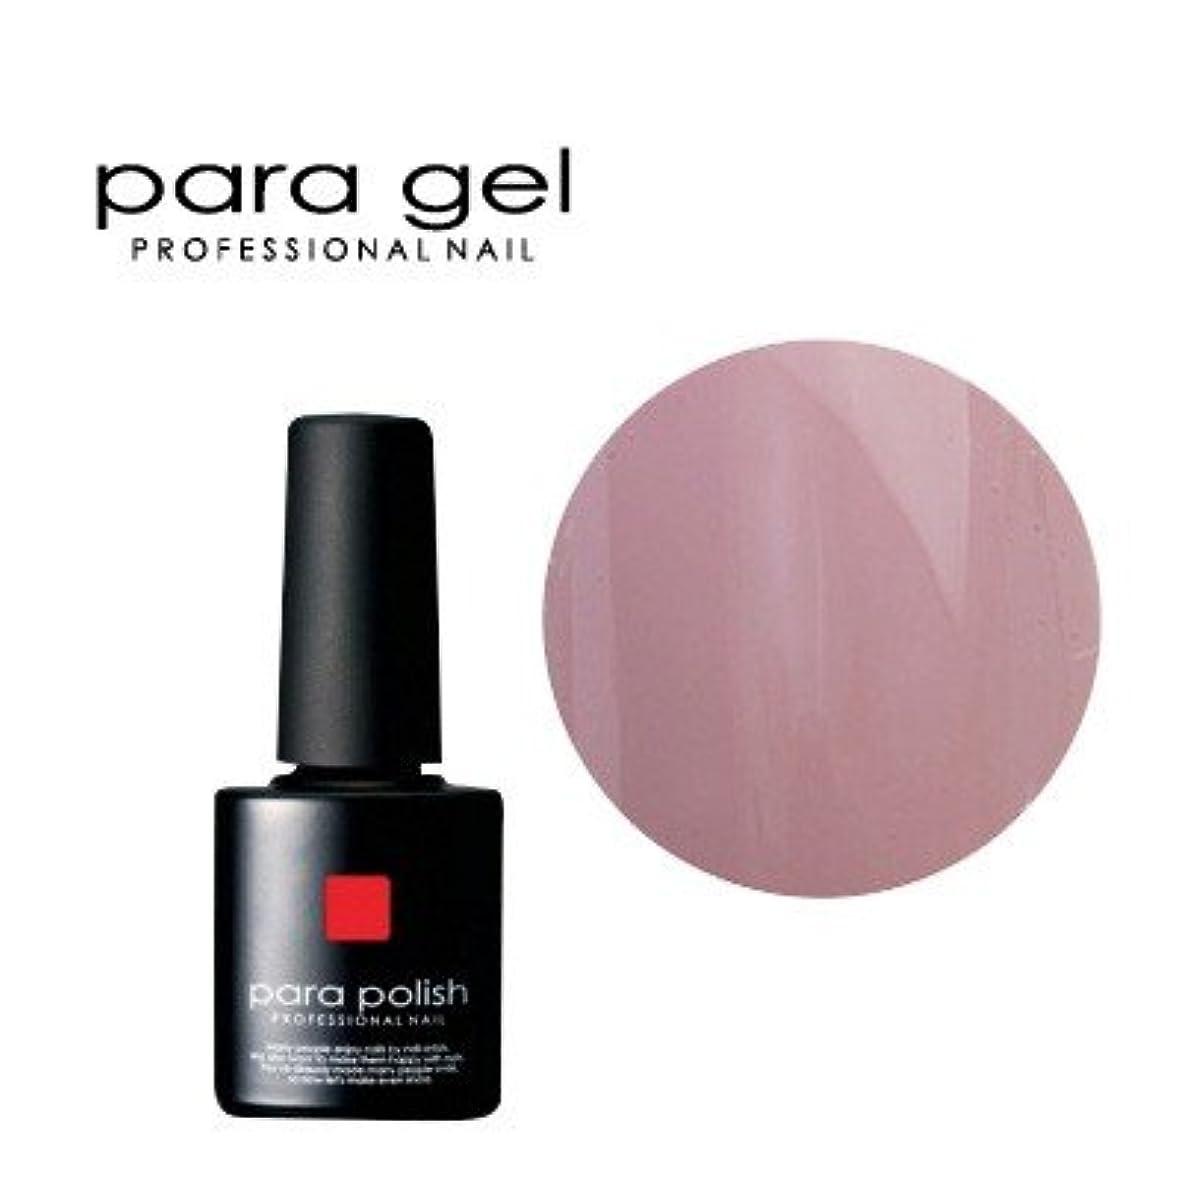 誤解を招く輝くインスタンスパラジェル para polish(パラポリッシュ) カラージェル MD11 ダスティピンク 7g